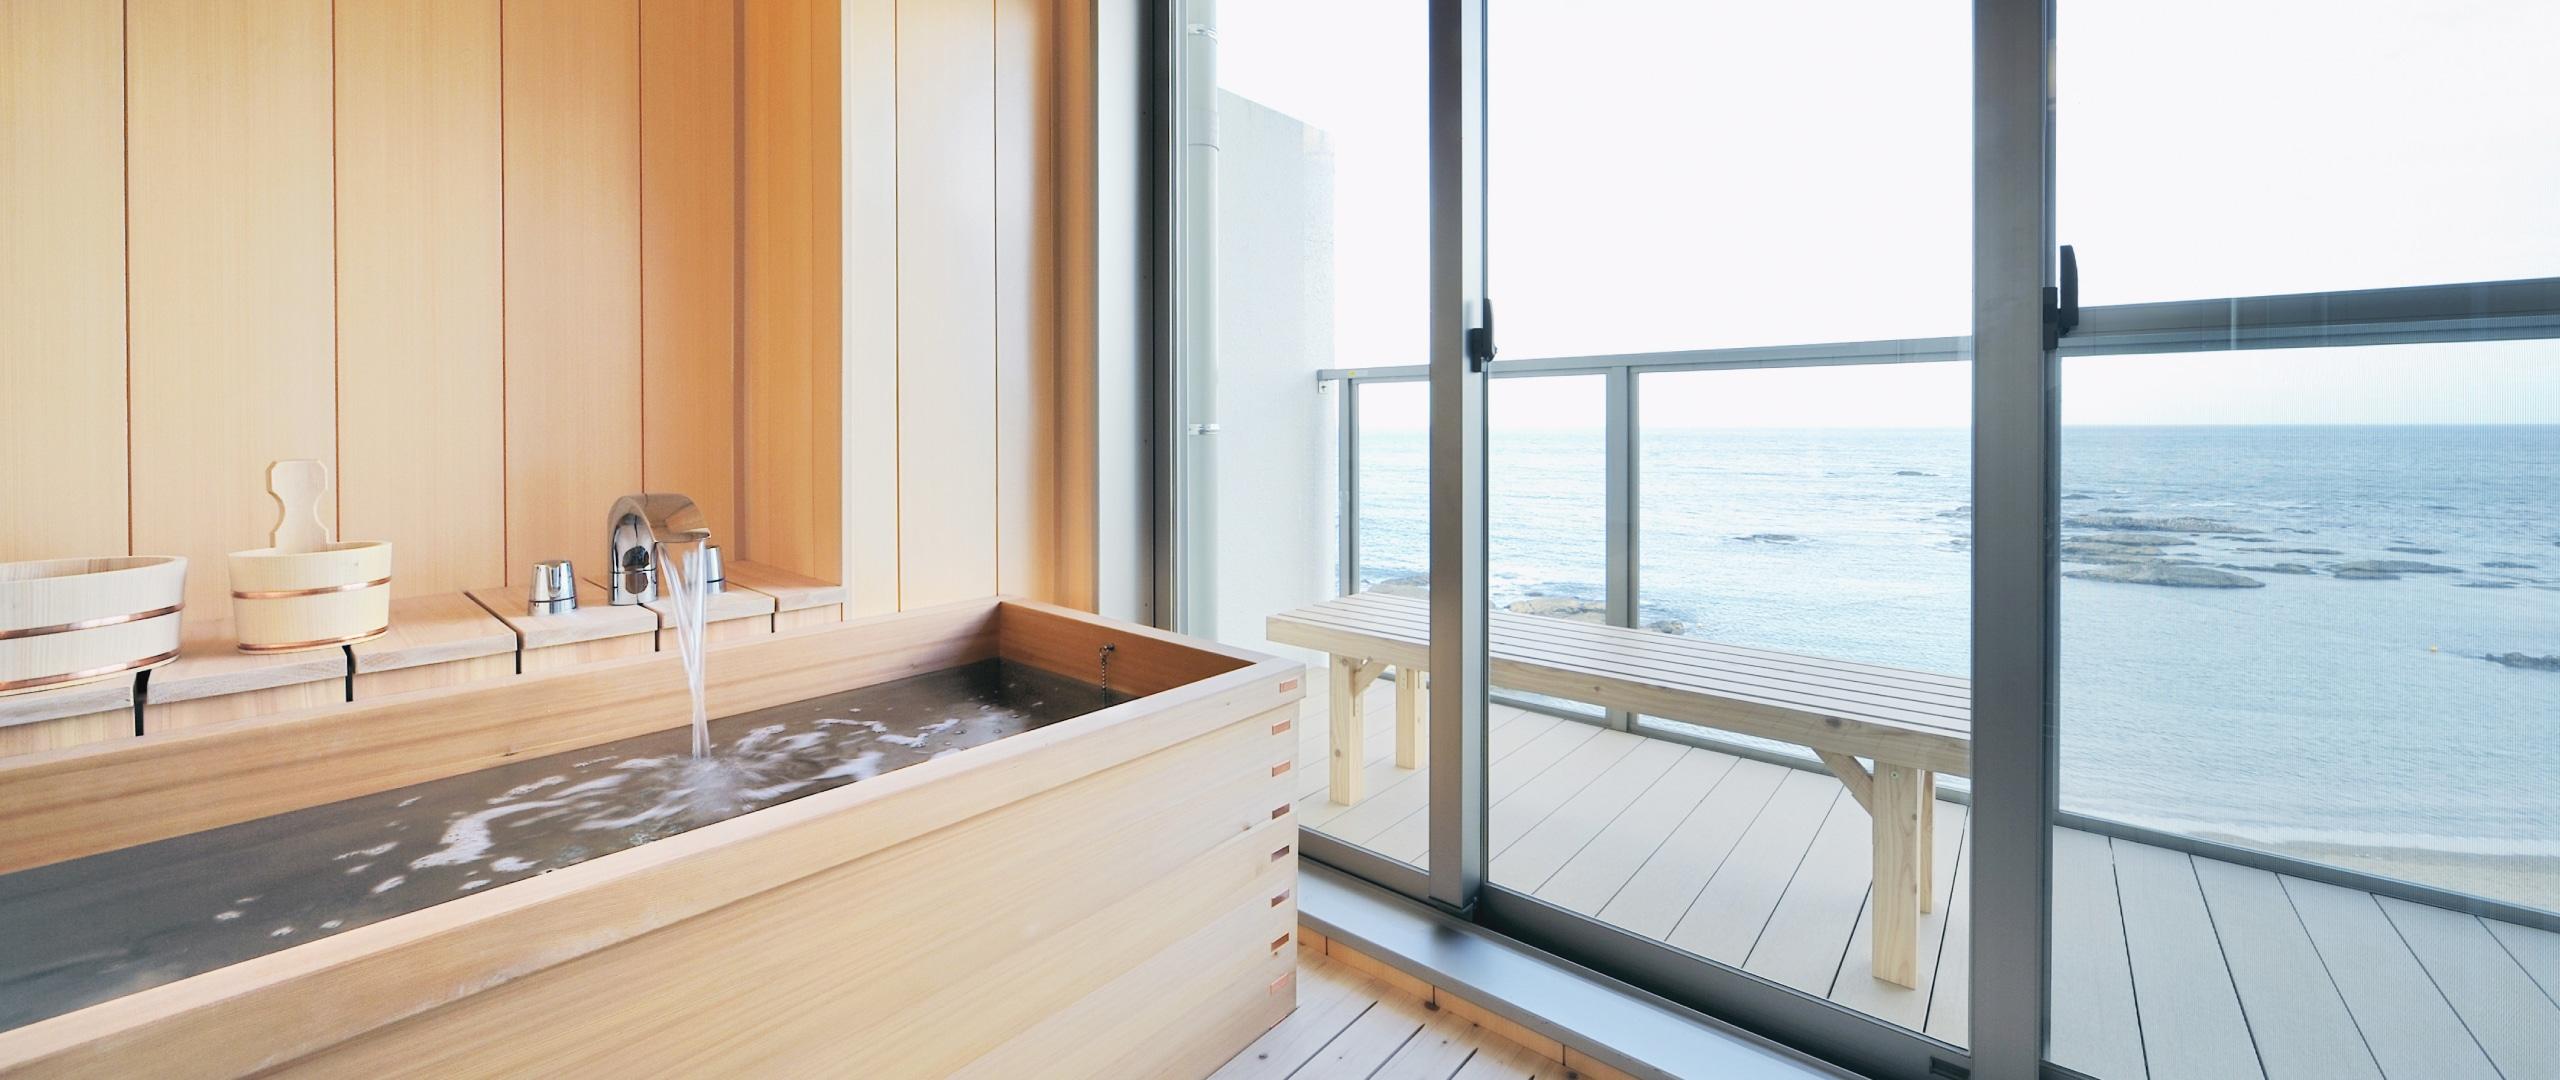 海を一望する木製の浴槽